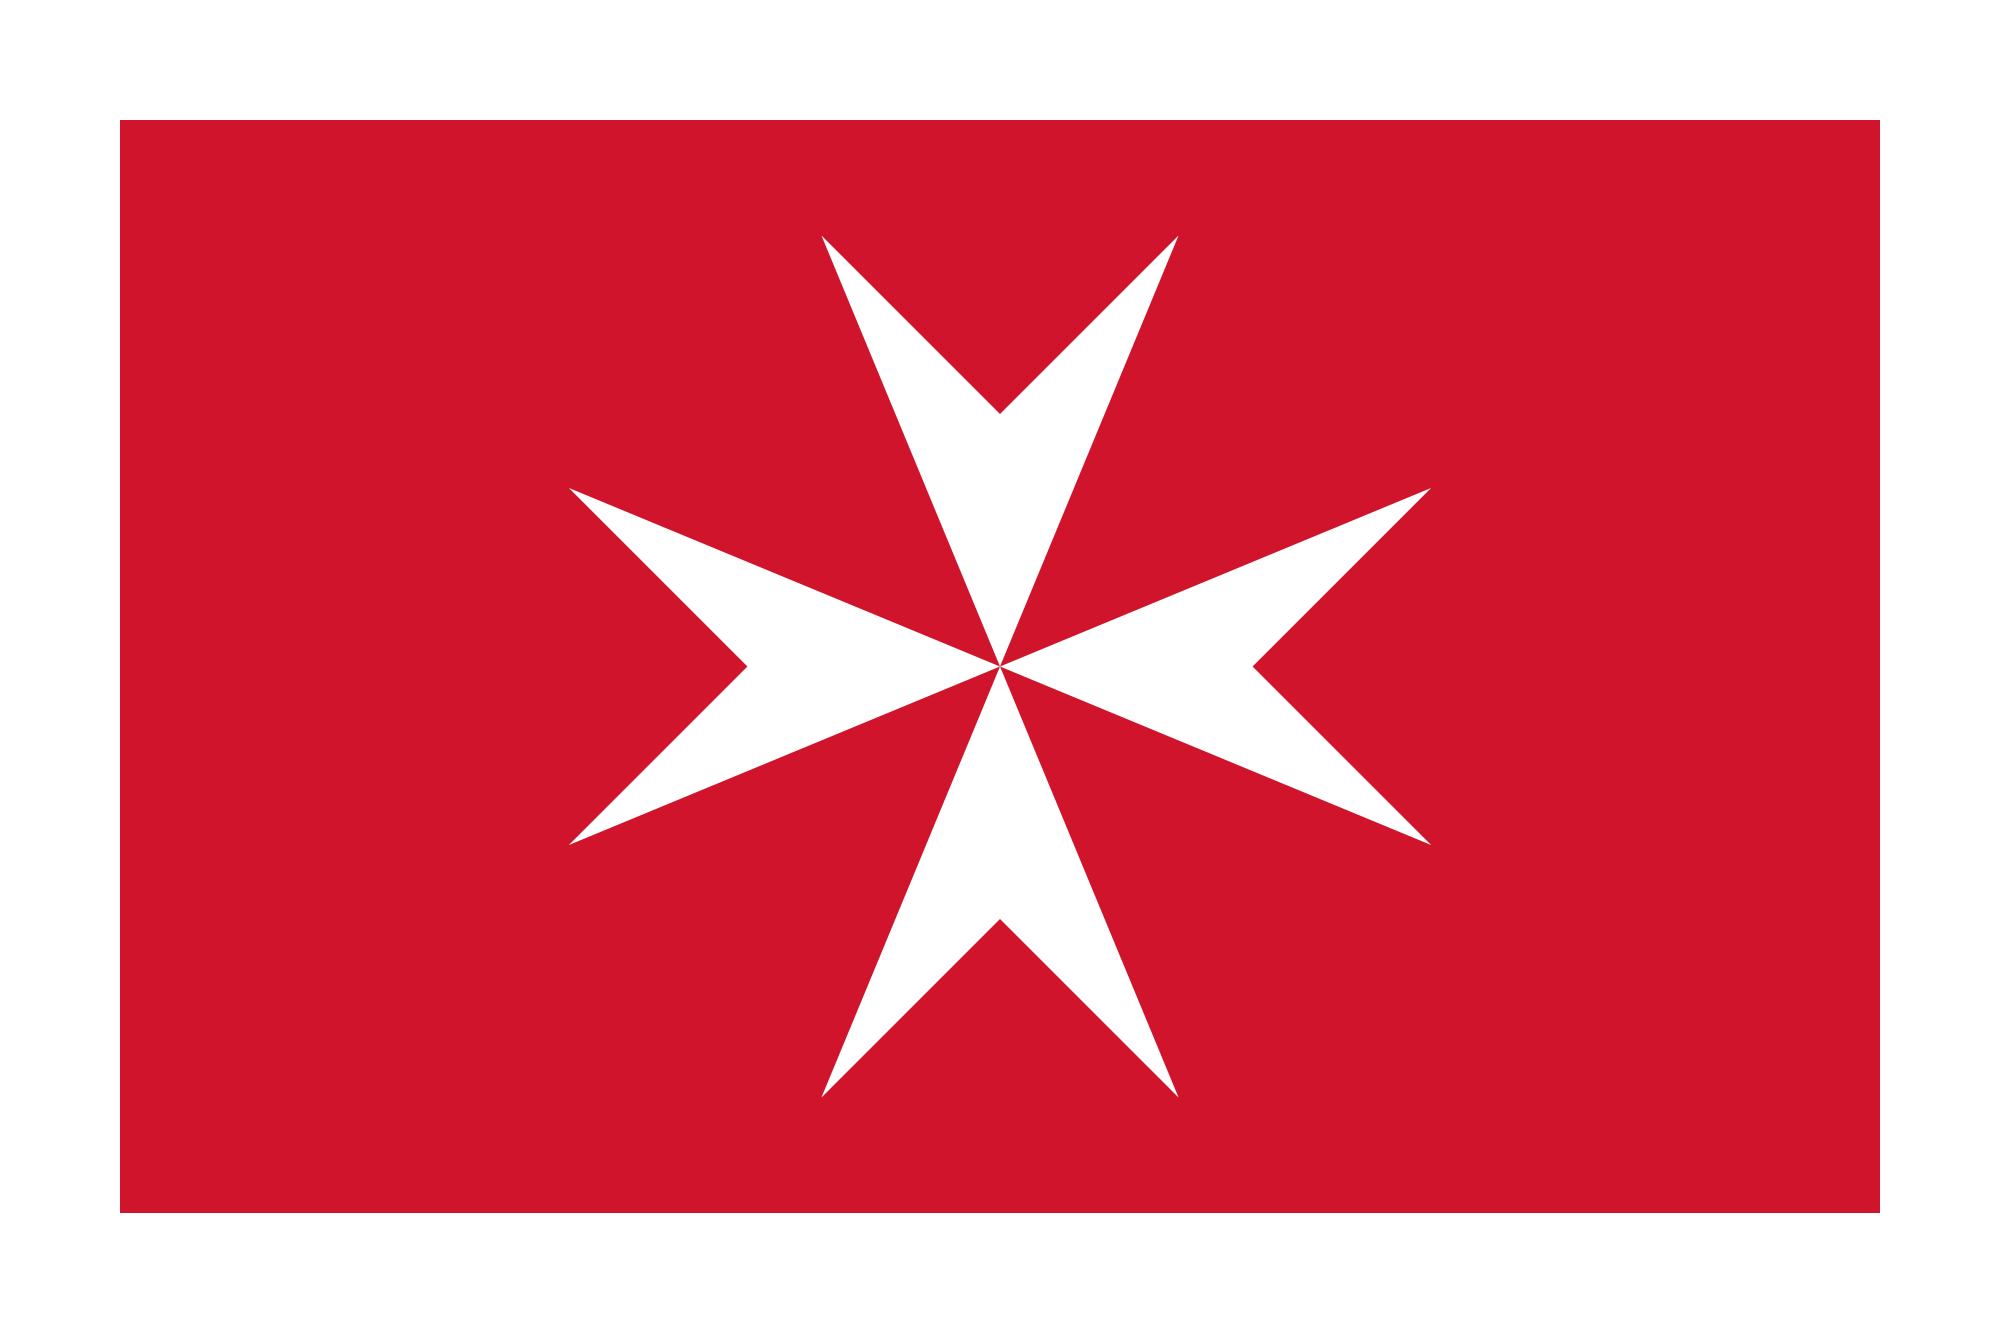 Malta (Variation)